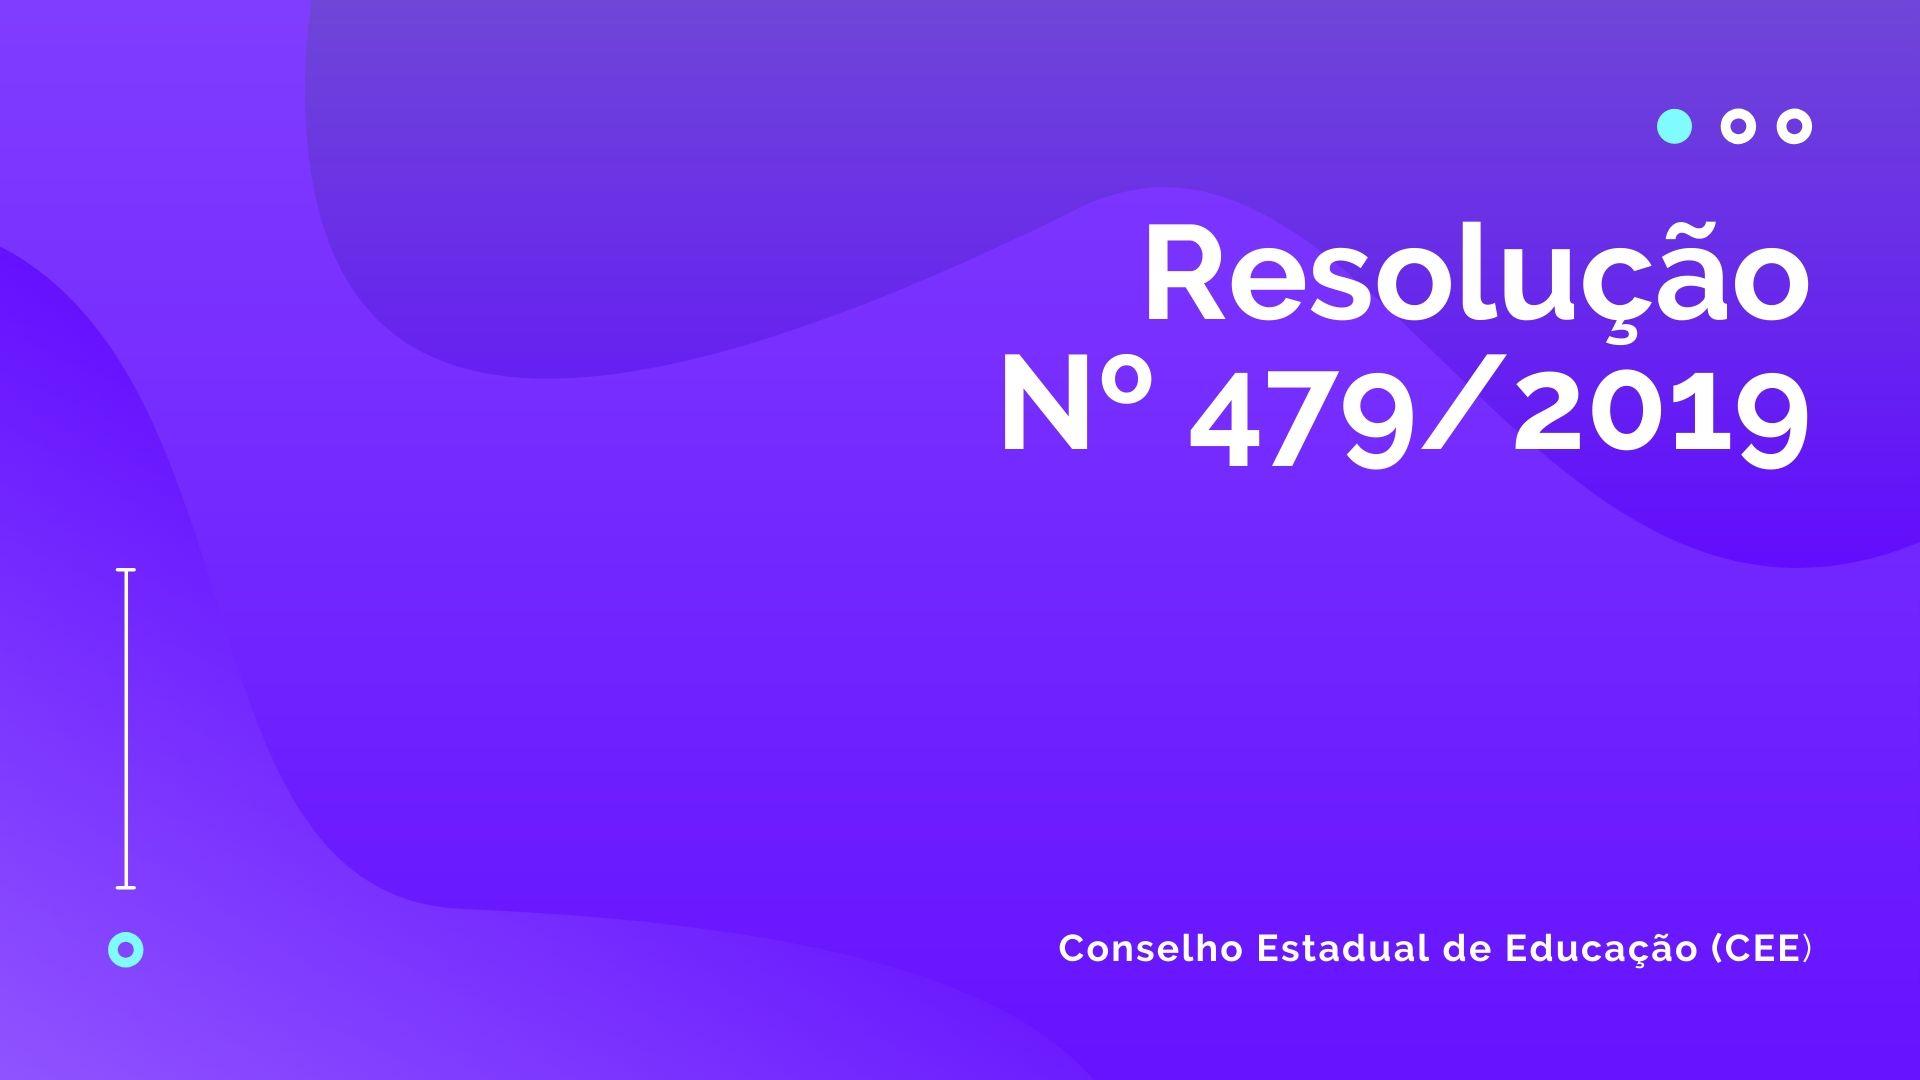 Resolução do CEE contempla 328 instituições de ensino do Ceará